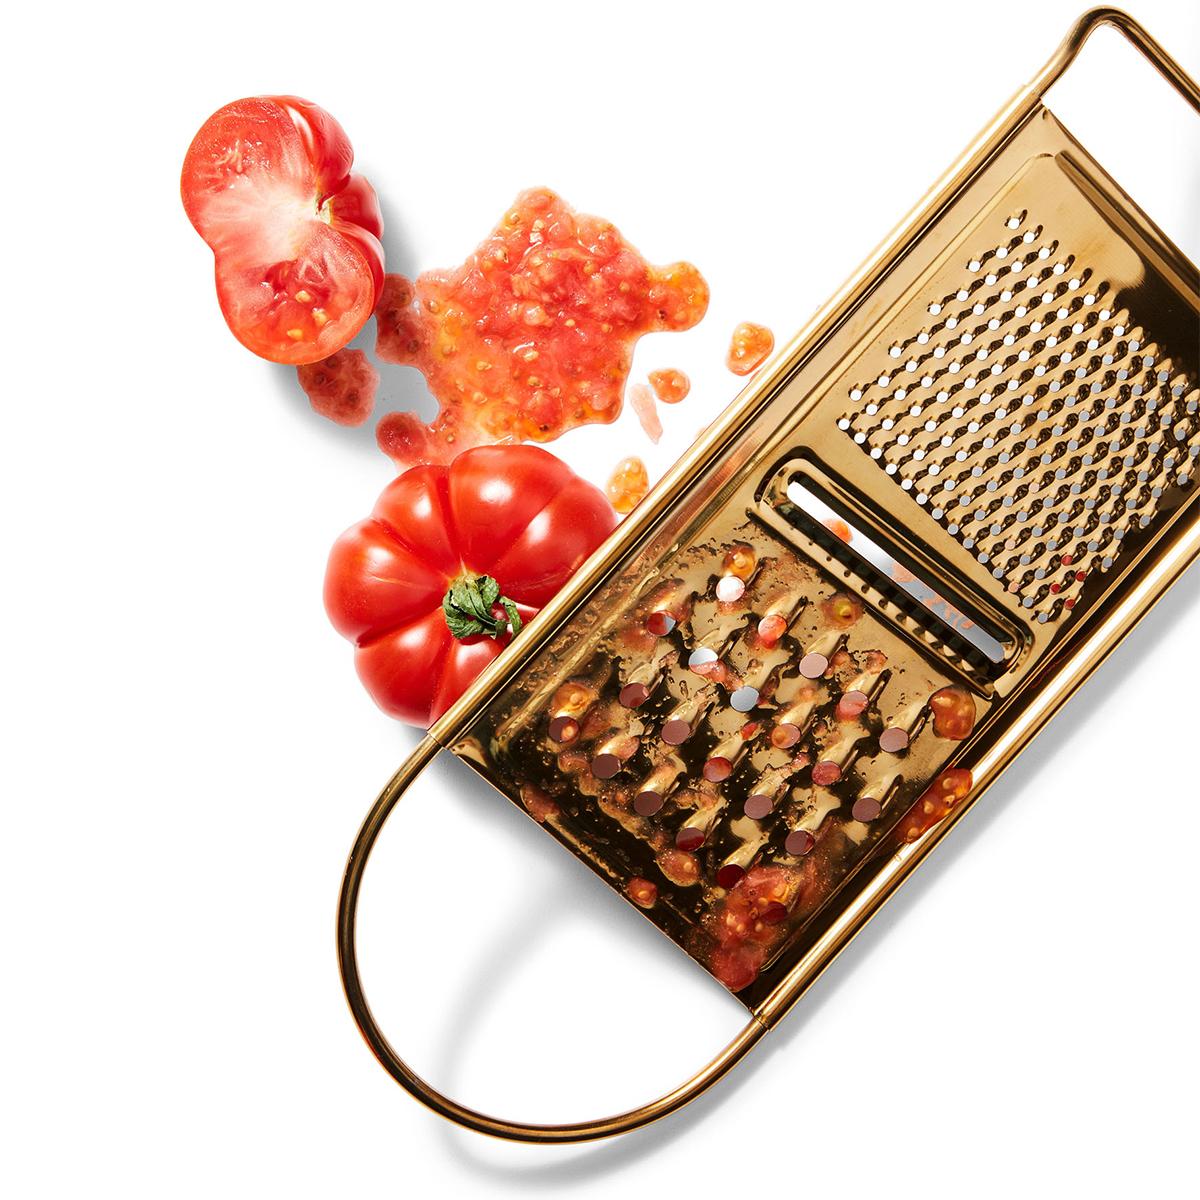 tomato-and-grater-5cbf2a27